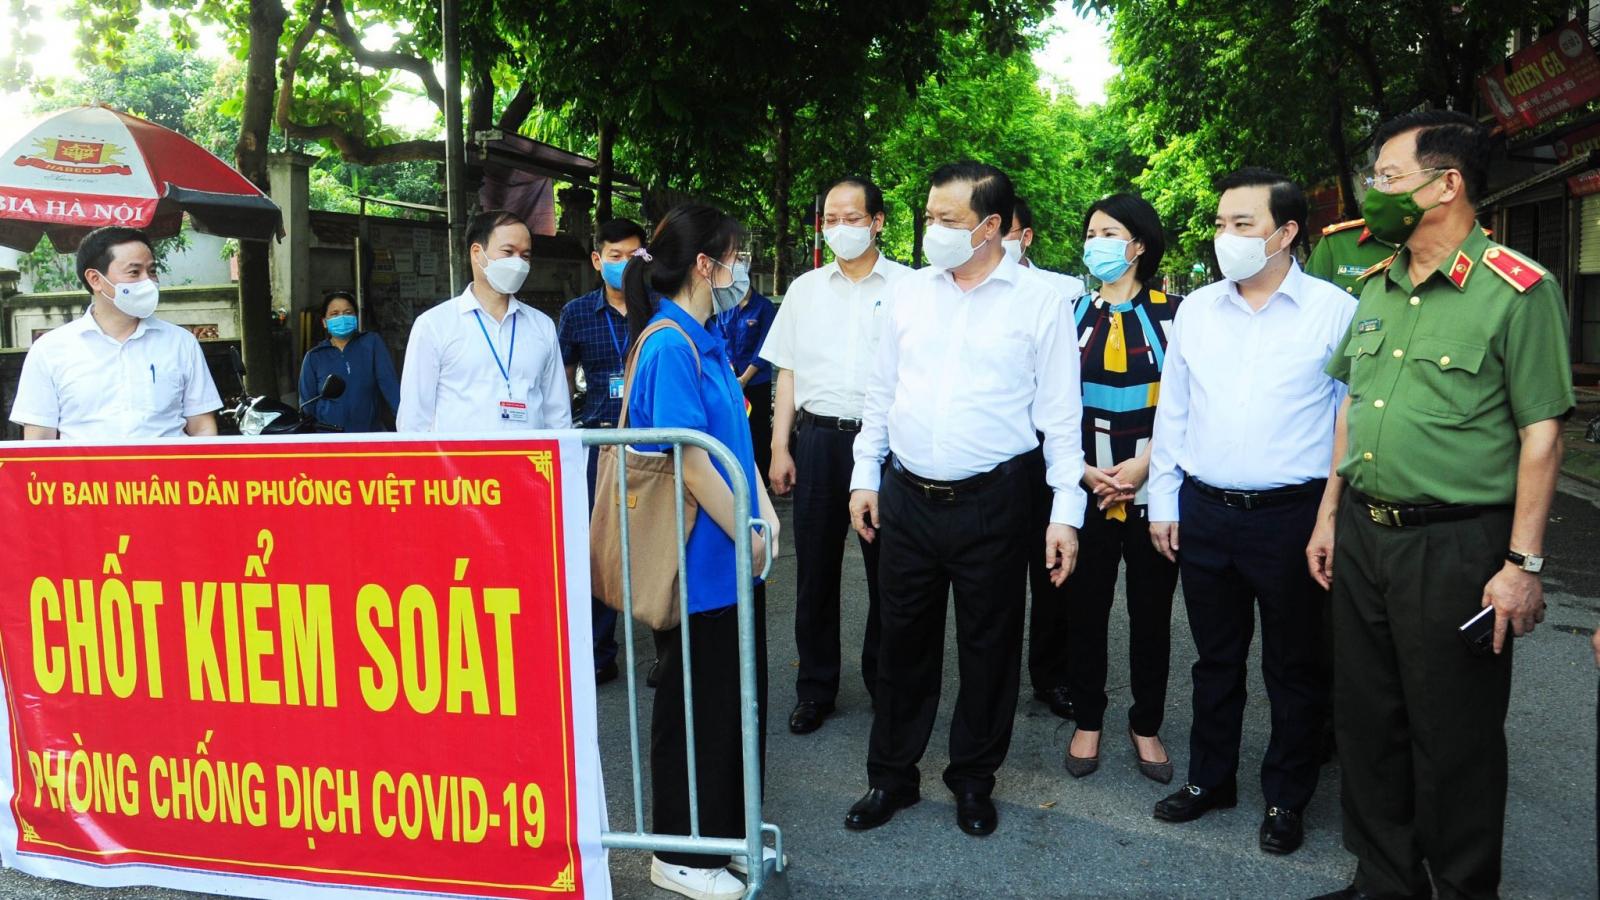 Hà Nội khuyến khích doanh nghiệp đủ điều kiện an toàn duy trì sản xuất kinh doanh